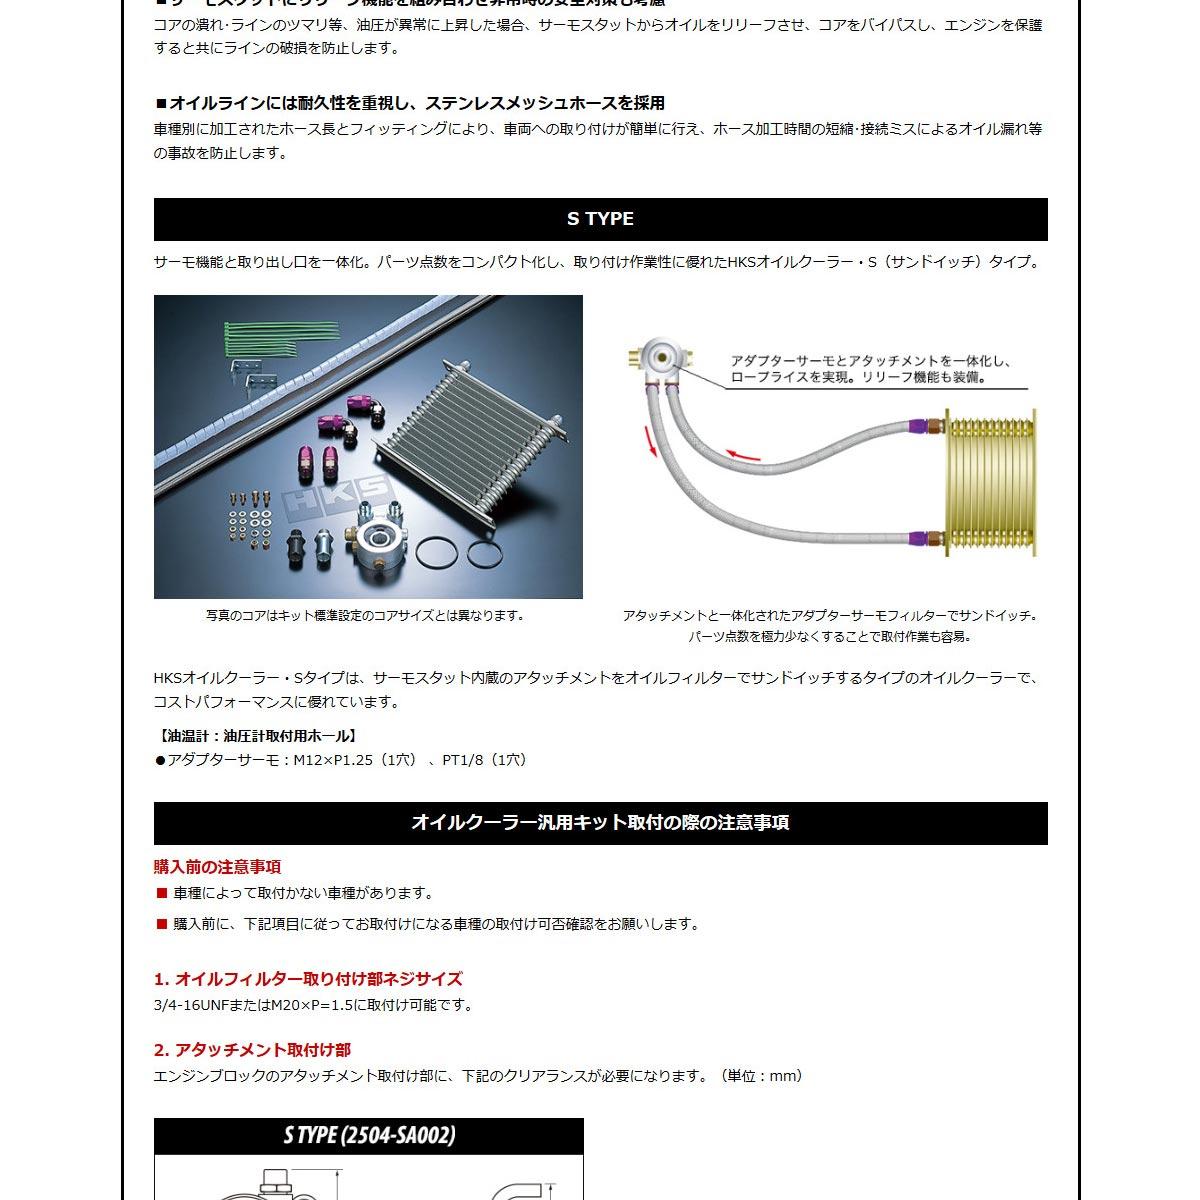 200×160×32・12段 オイルクーラー 汎用Sタイプ #10 15002-AK005 HKS